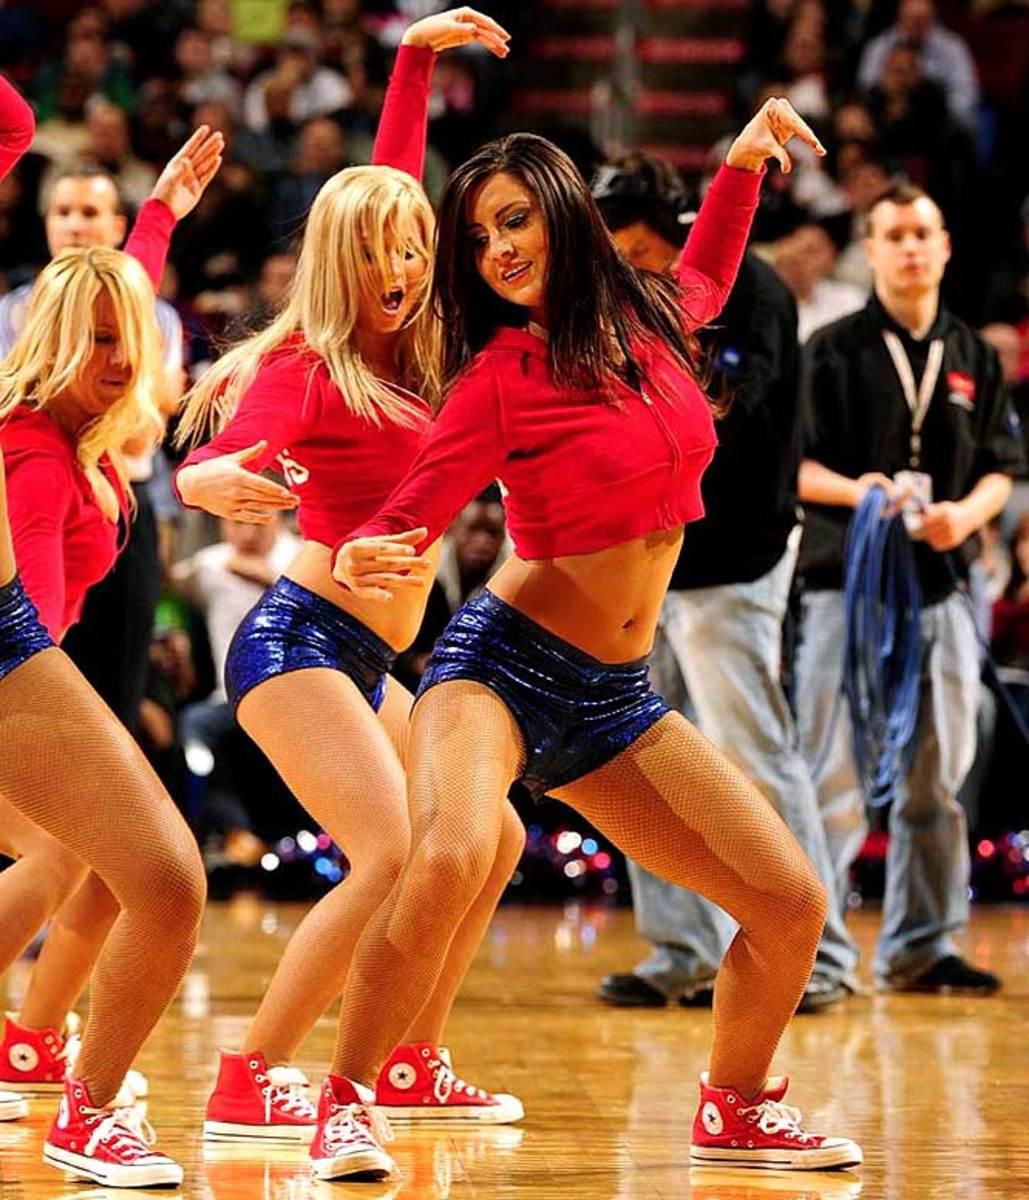 sixers-dancers%2810%29.jpg